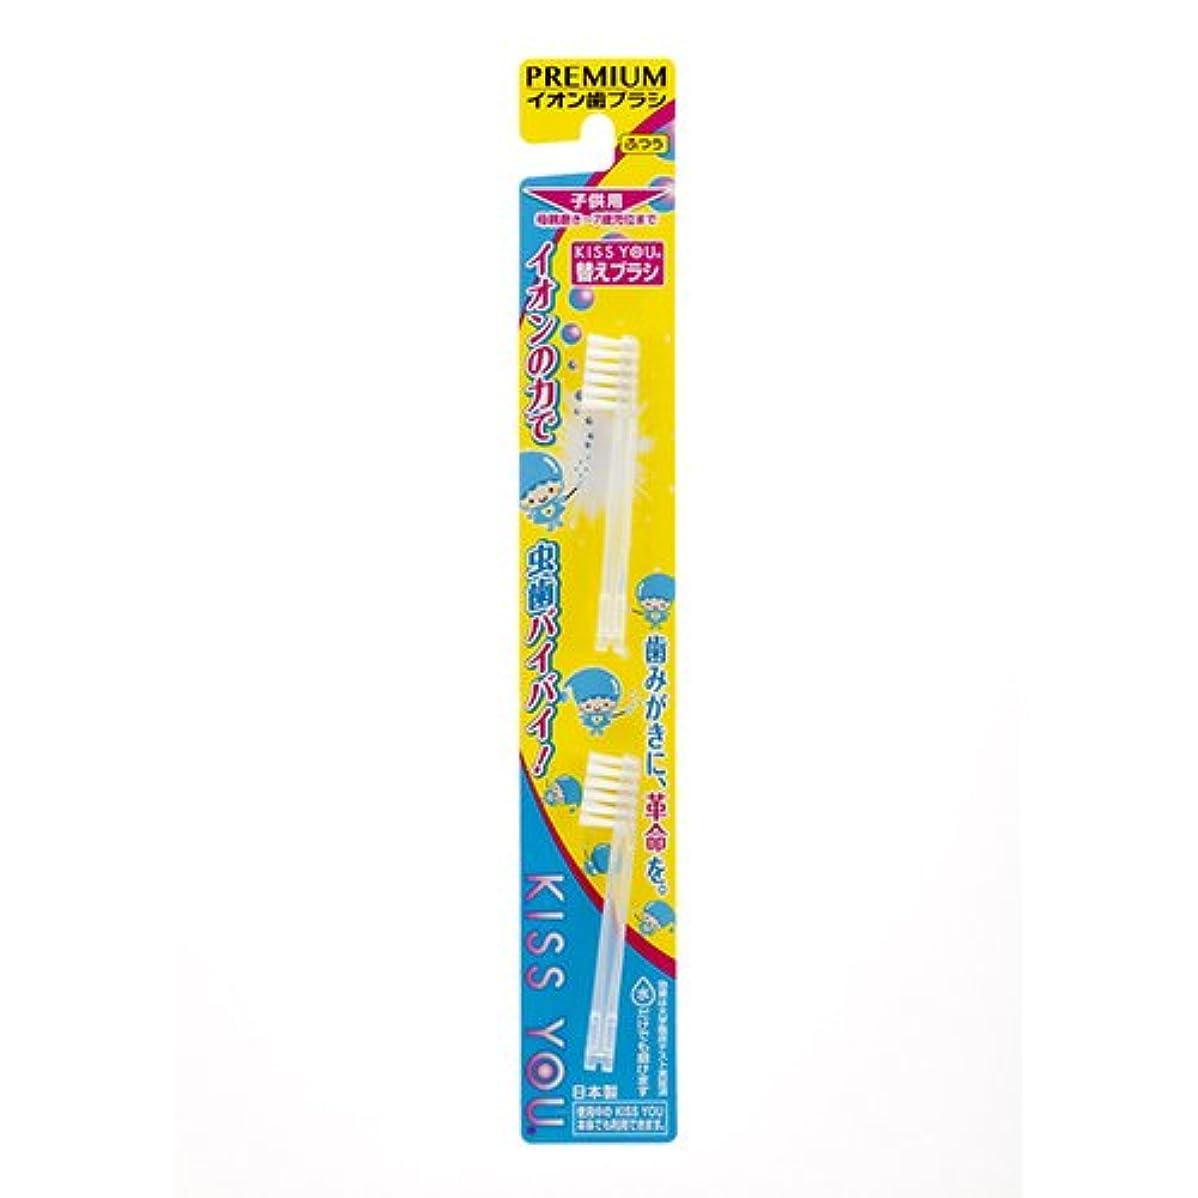 本体美しいことわざKISS YOU(キスユー) イオン歯ブラシ 子供用替えブラシ ふつう 2本入り